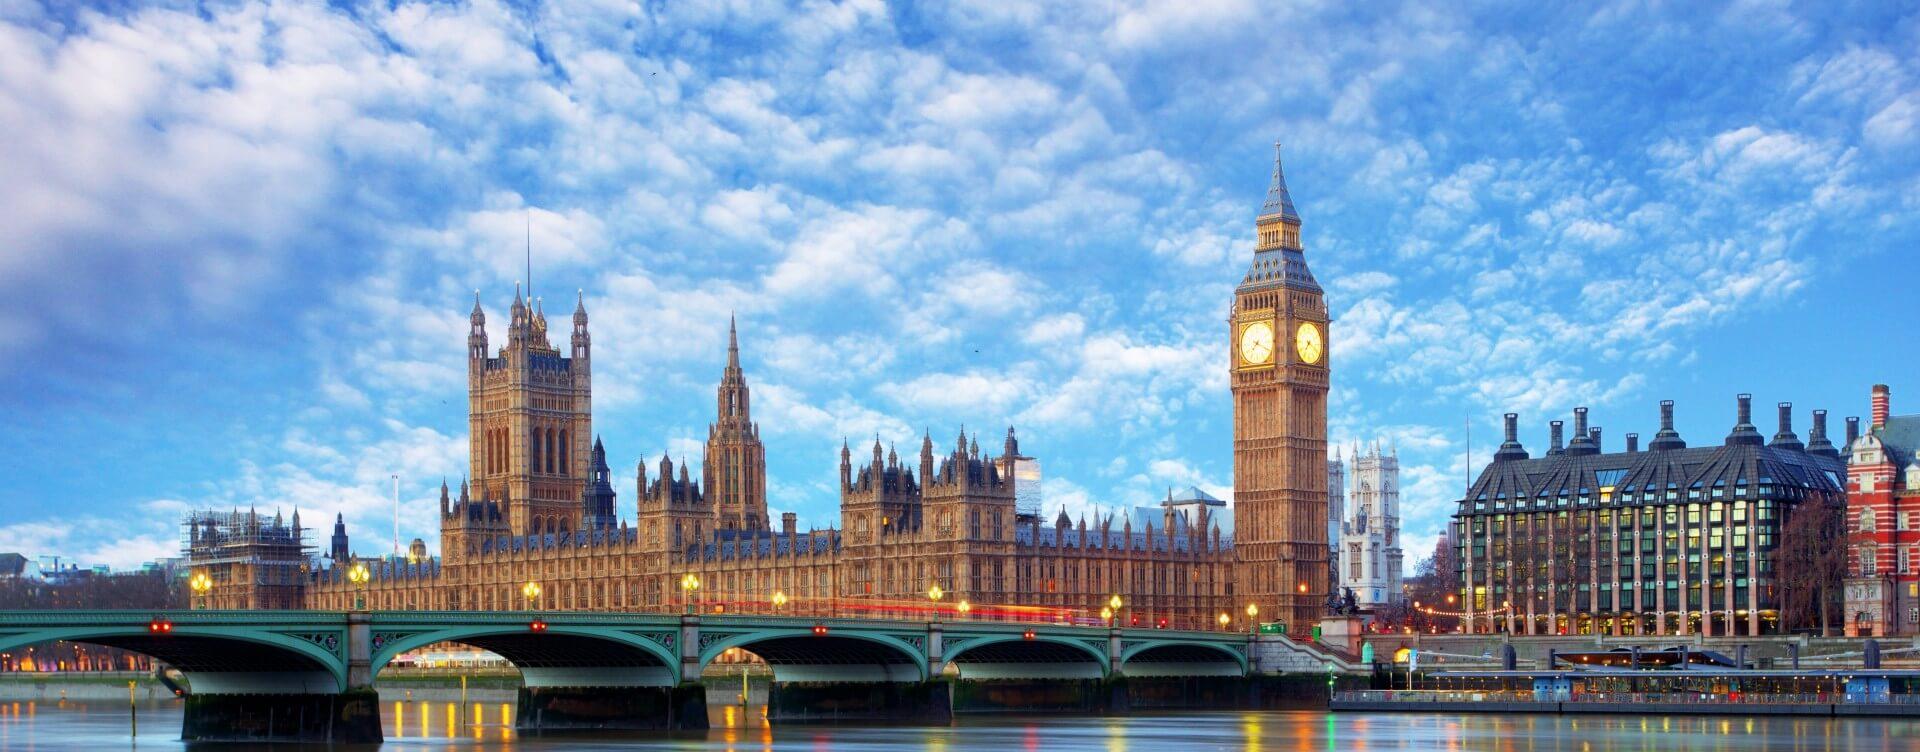 Curiozități turistice Londra